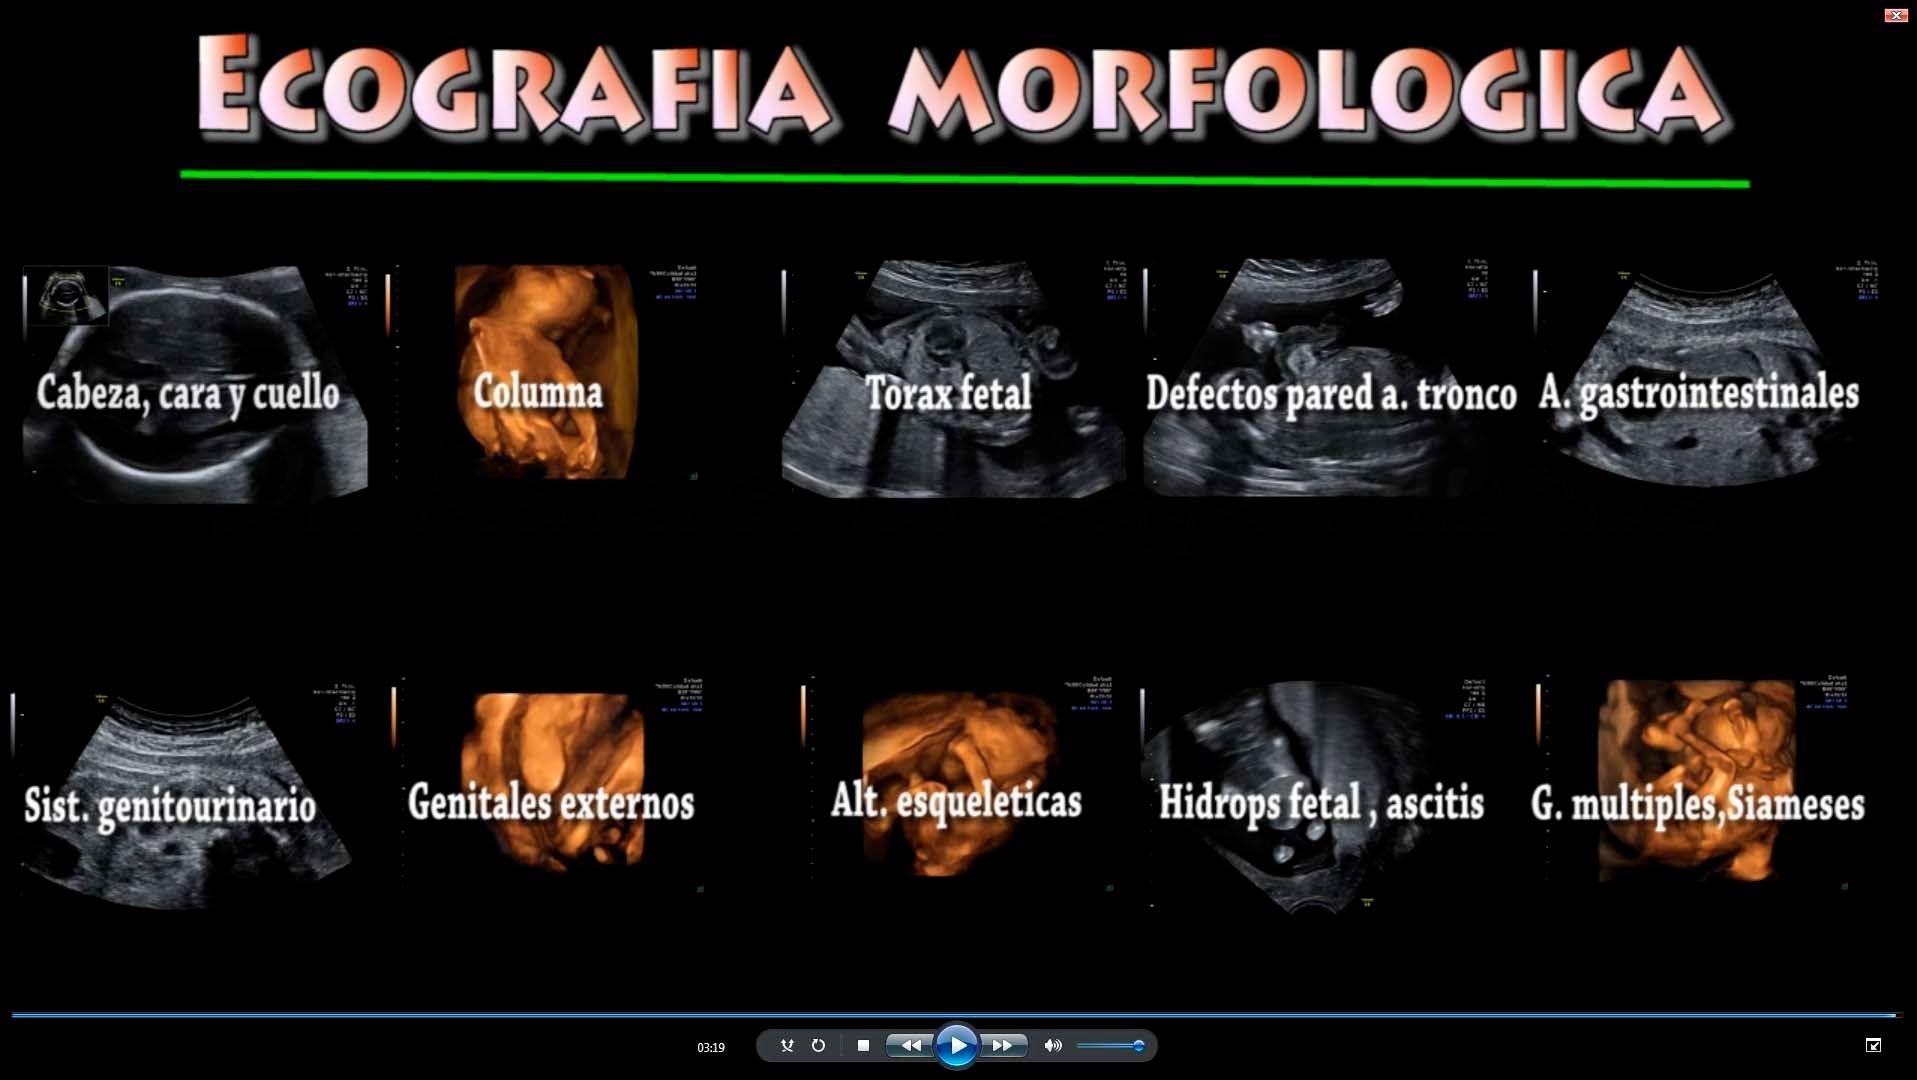 O que se ve na ecografia morfologica